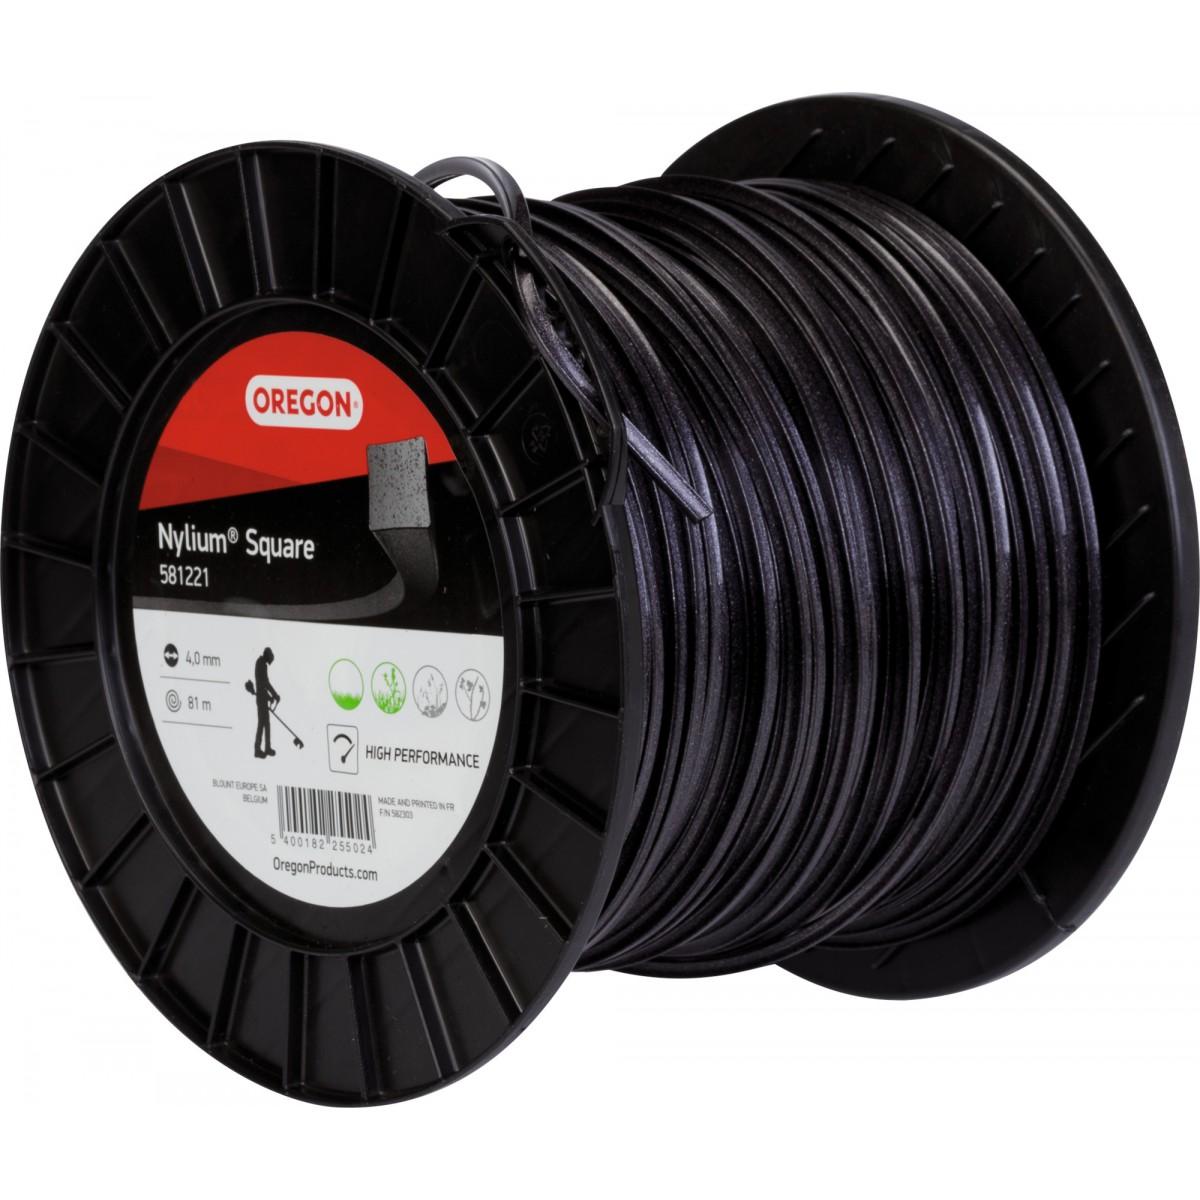 Fil carré pour débroussaillage nylon Oregon - Longueur 81 m - Diamètre 4 mm